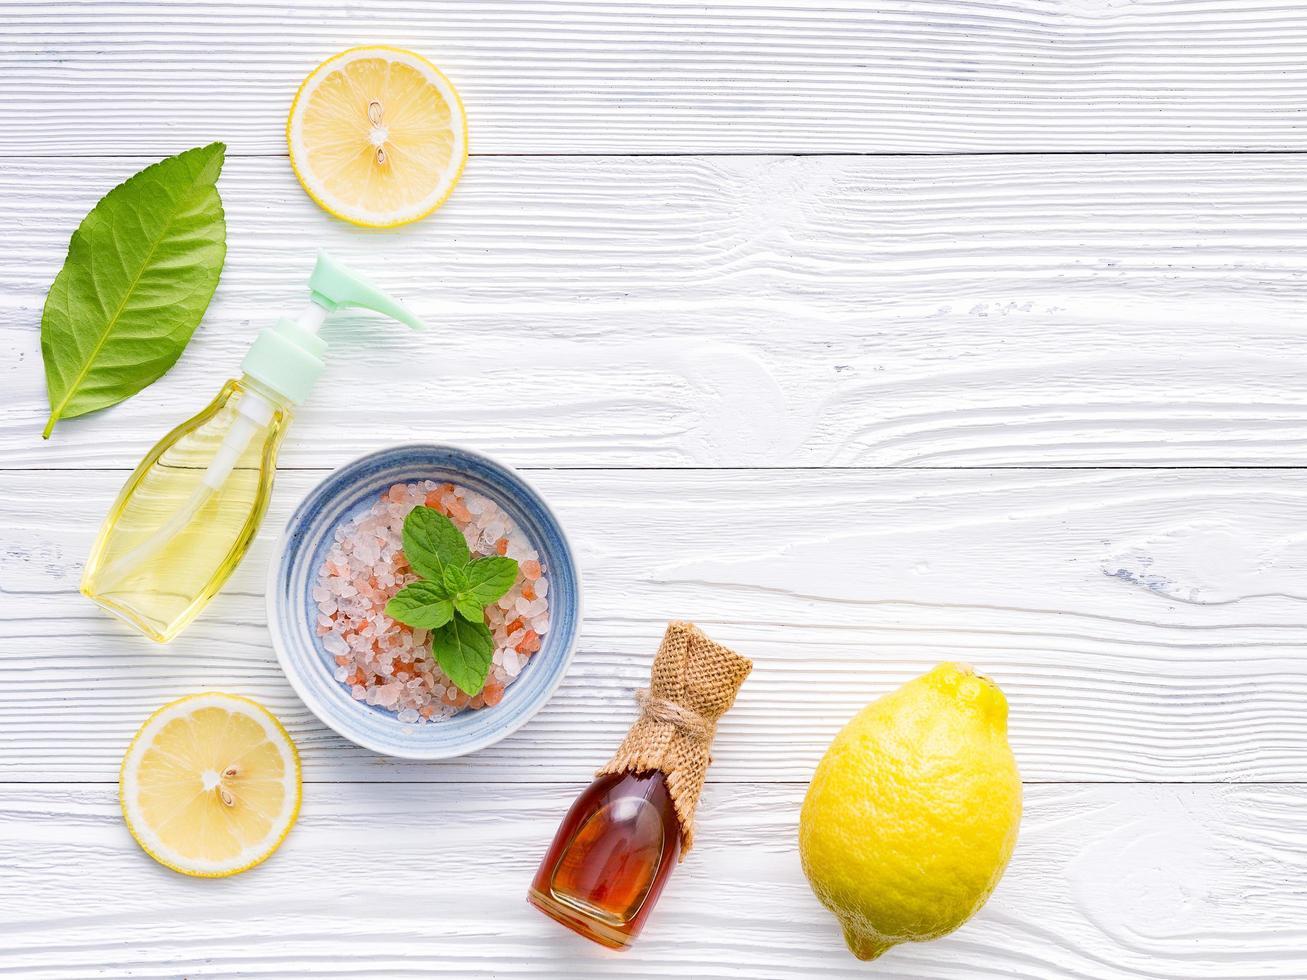 sel, miel et citron sur un fond blanc minable photo